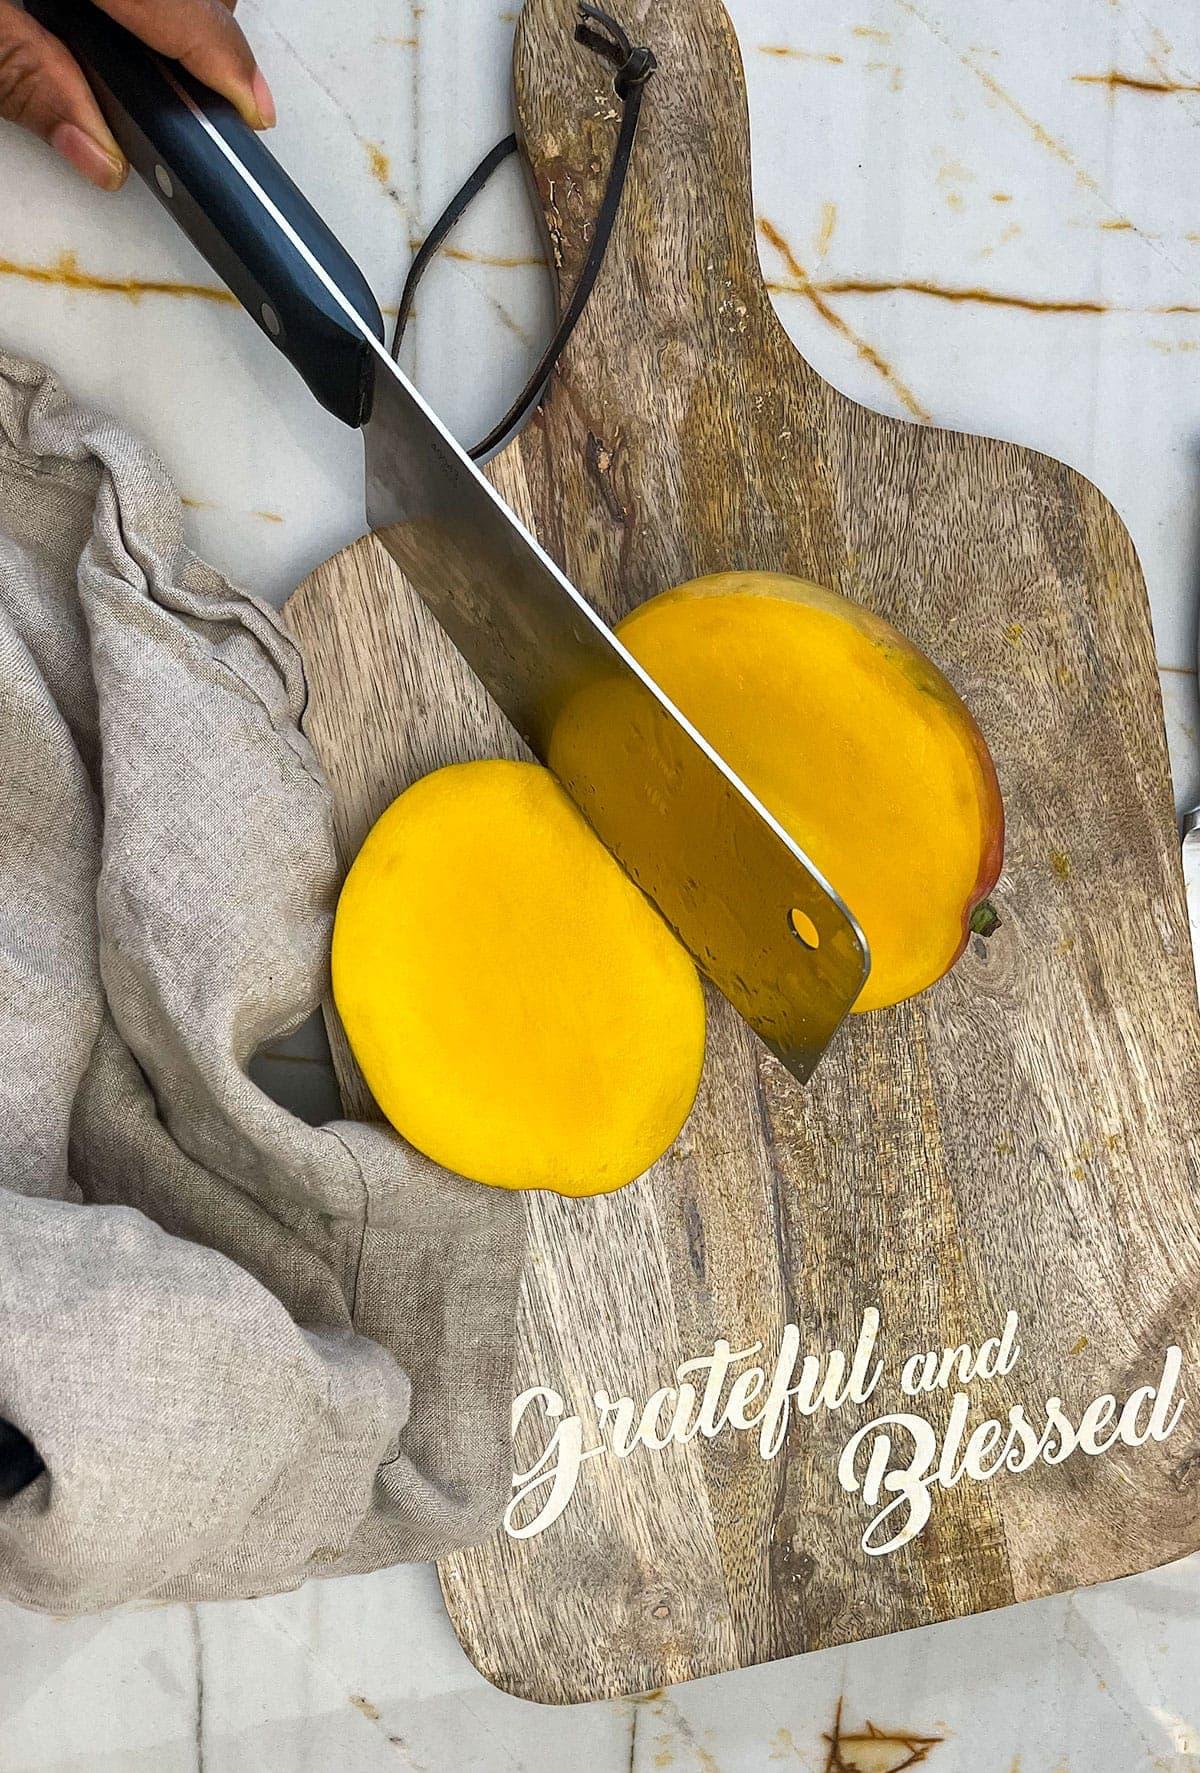 cutting mango on cutting board